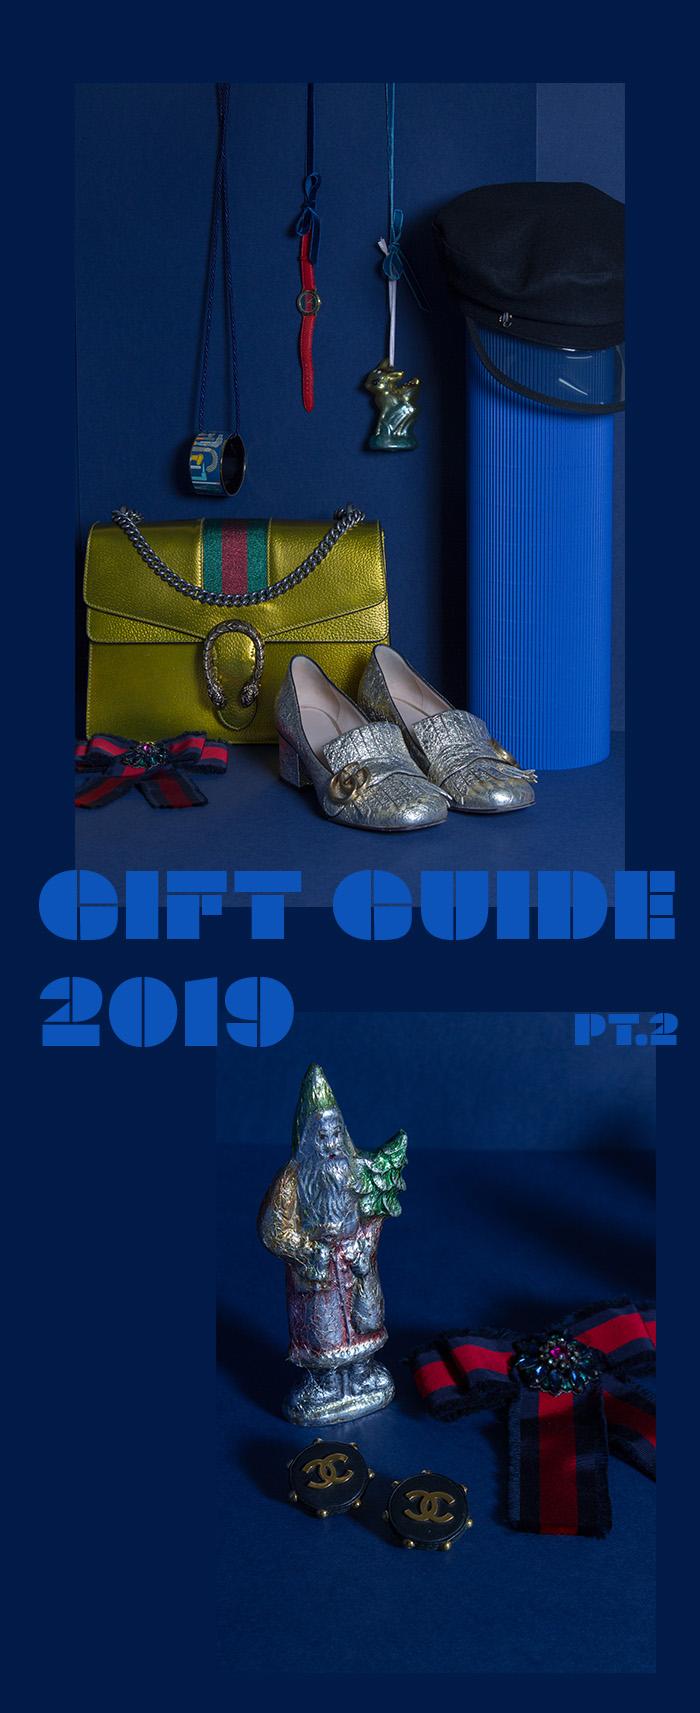 SECONDELLA Geschenke-Guide Weihnachten 2019